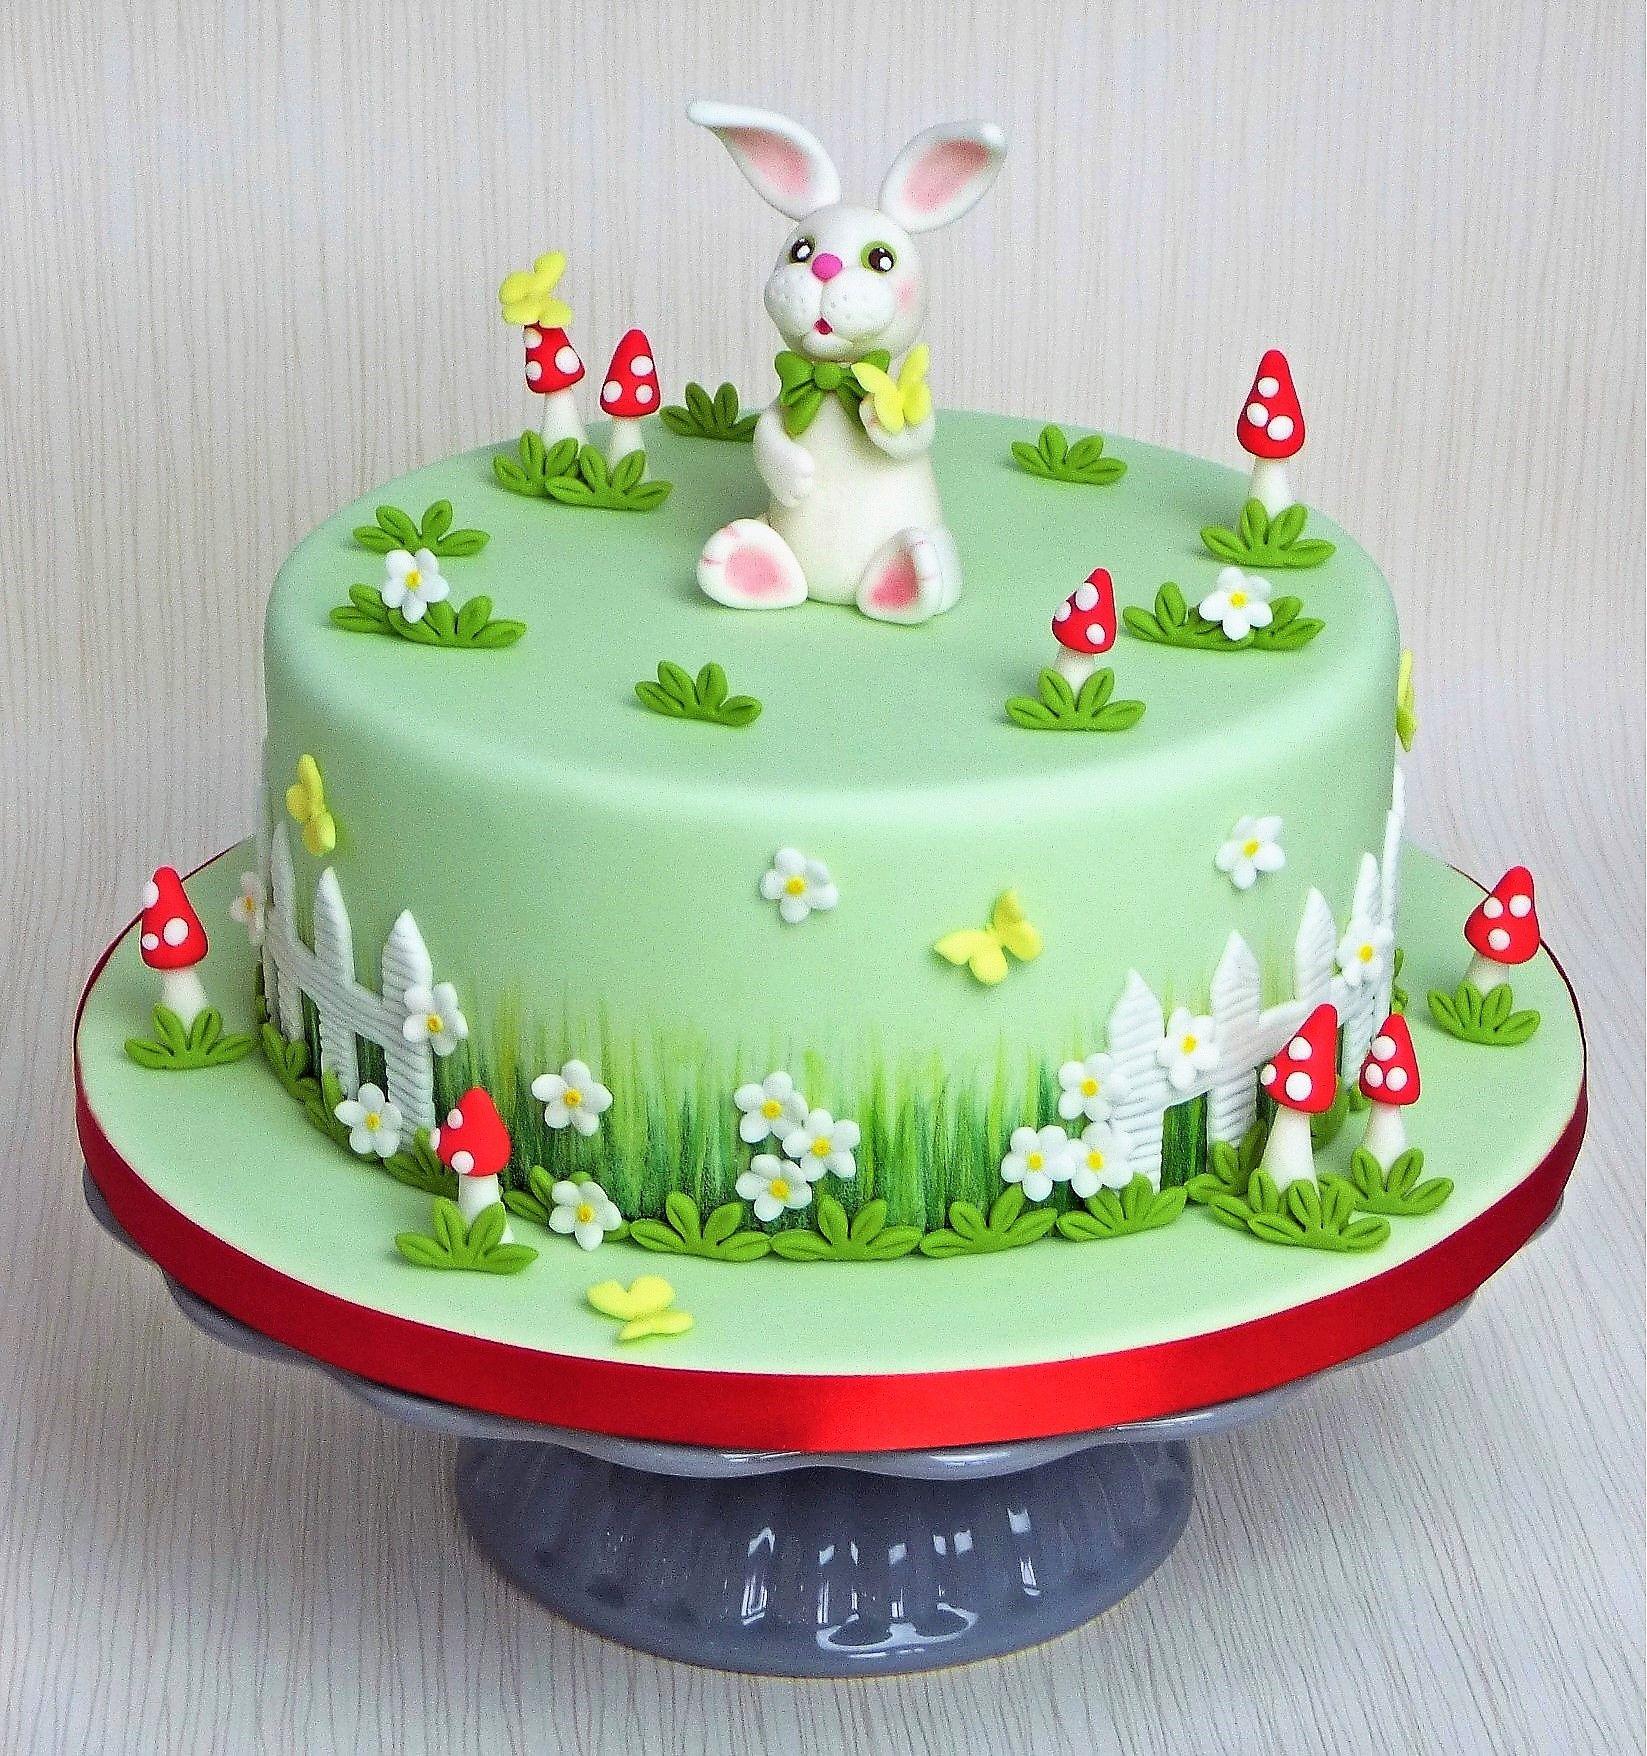 Oster Torte Motivtorte Hase Osterhase Fruhling Cake Spring Modellieren Fondant Motivtorte Tortendeko Tortendekoration